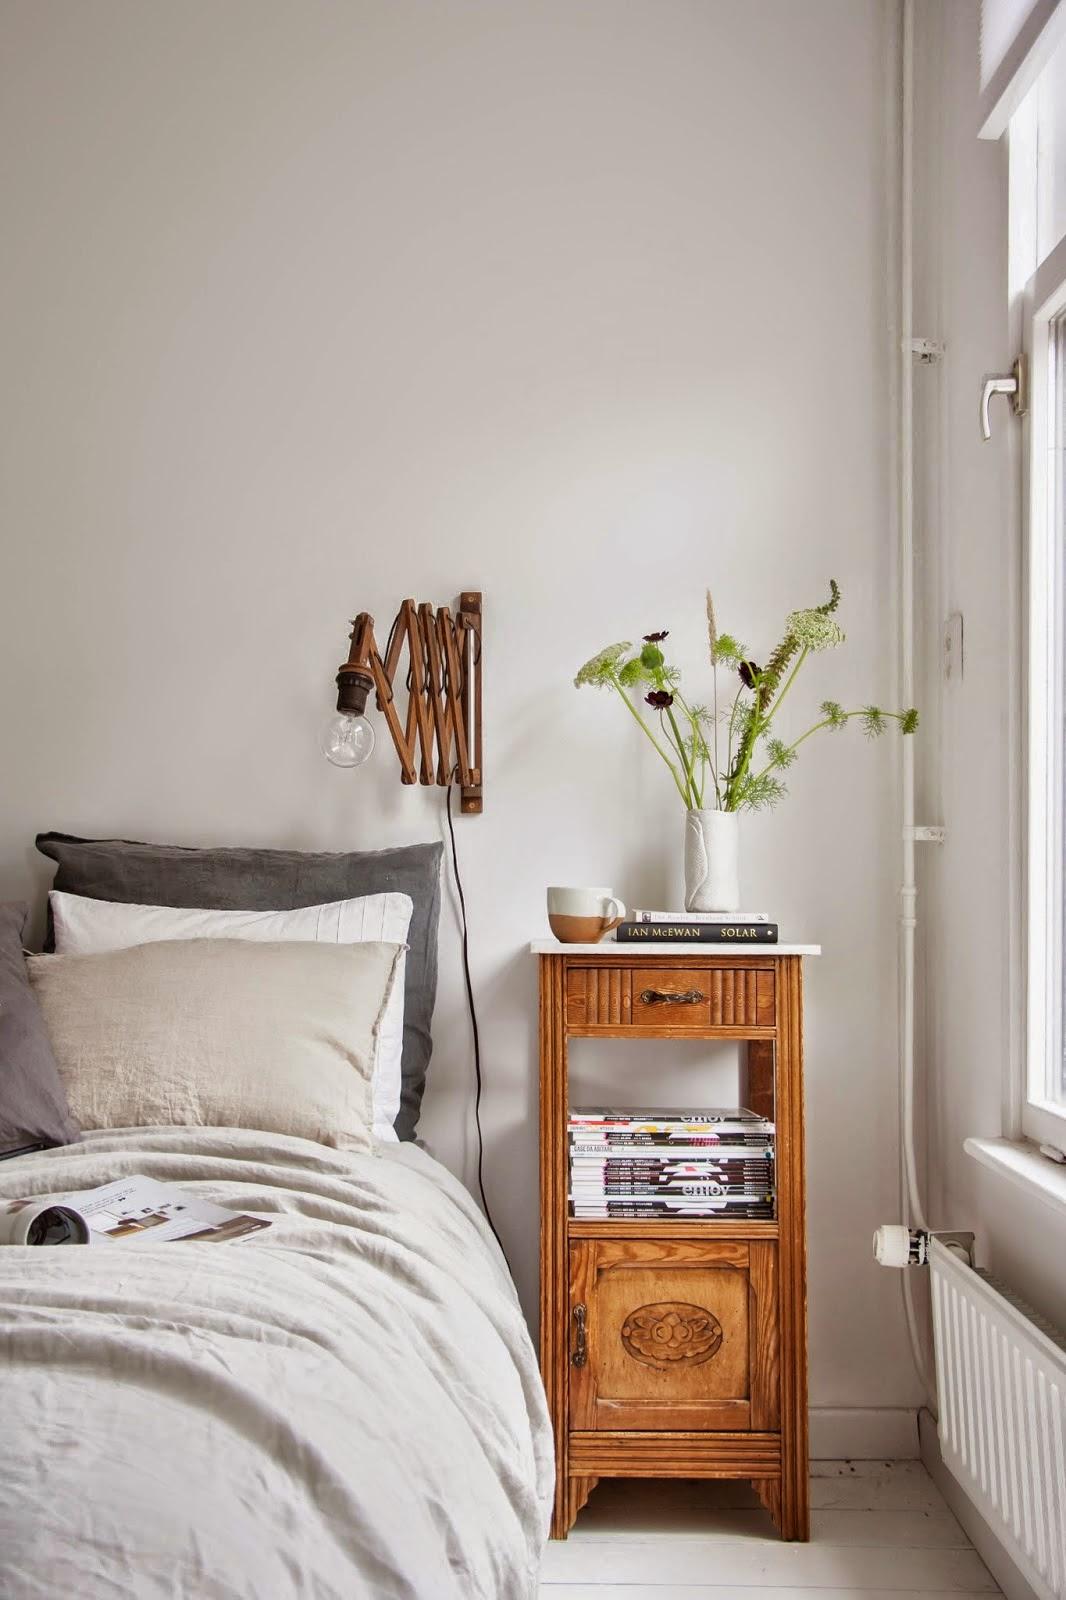 Un dormitorio con vestidor de estilo n rdico vintage - Dormitorio estilo vintage ...